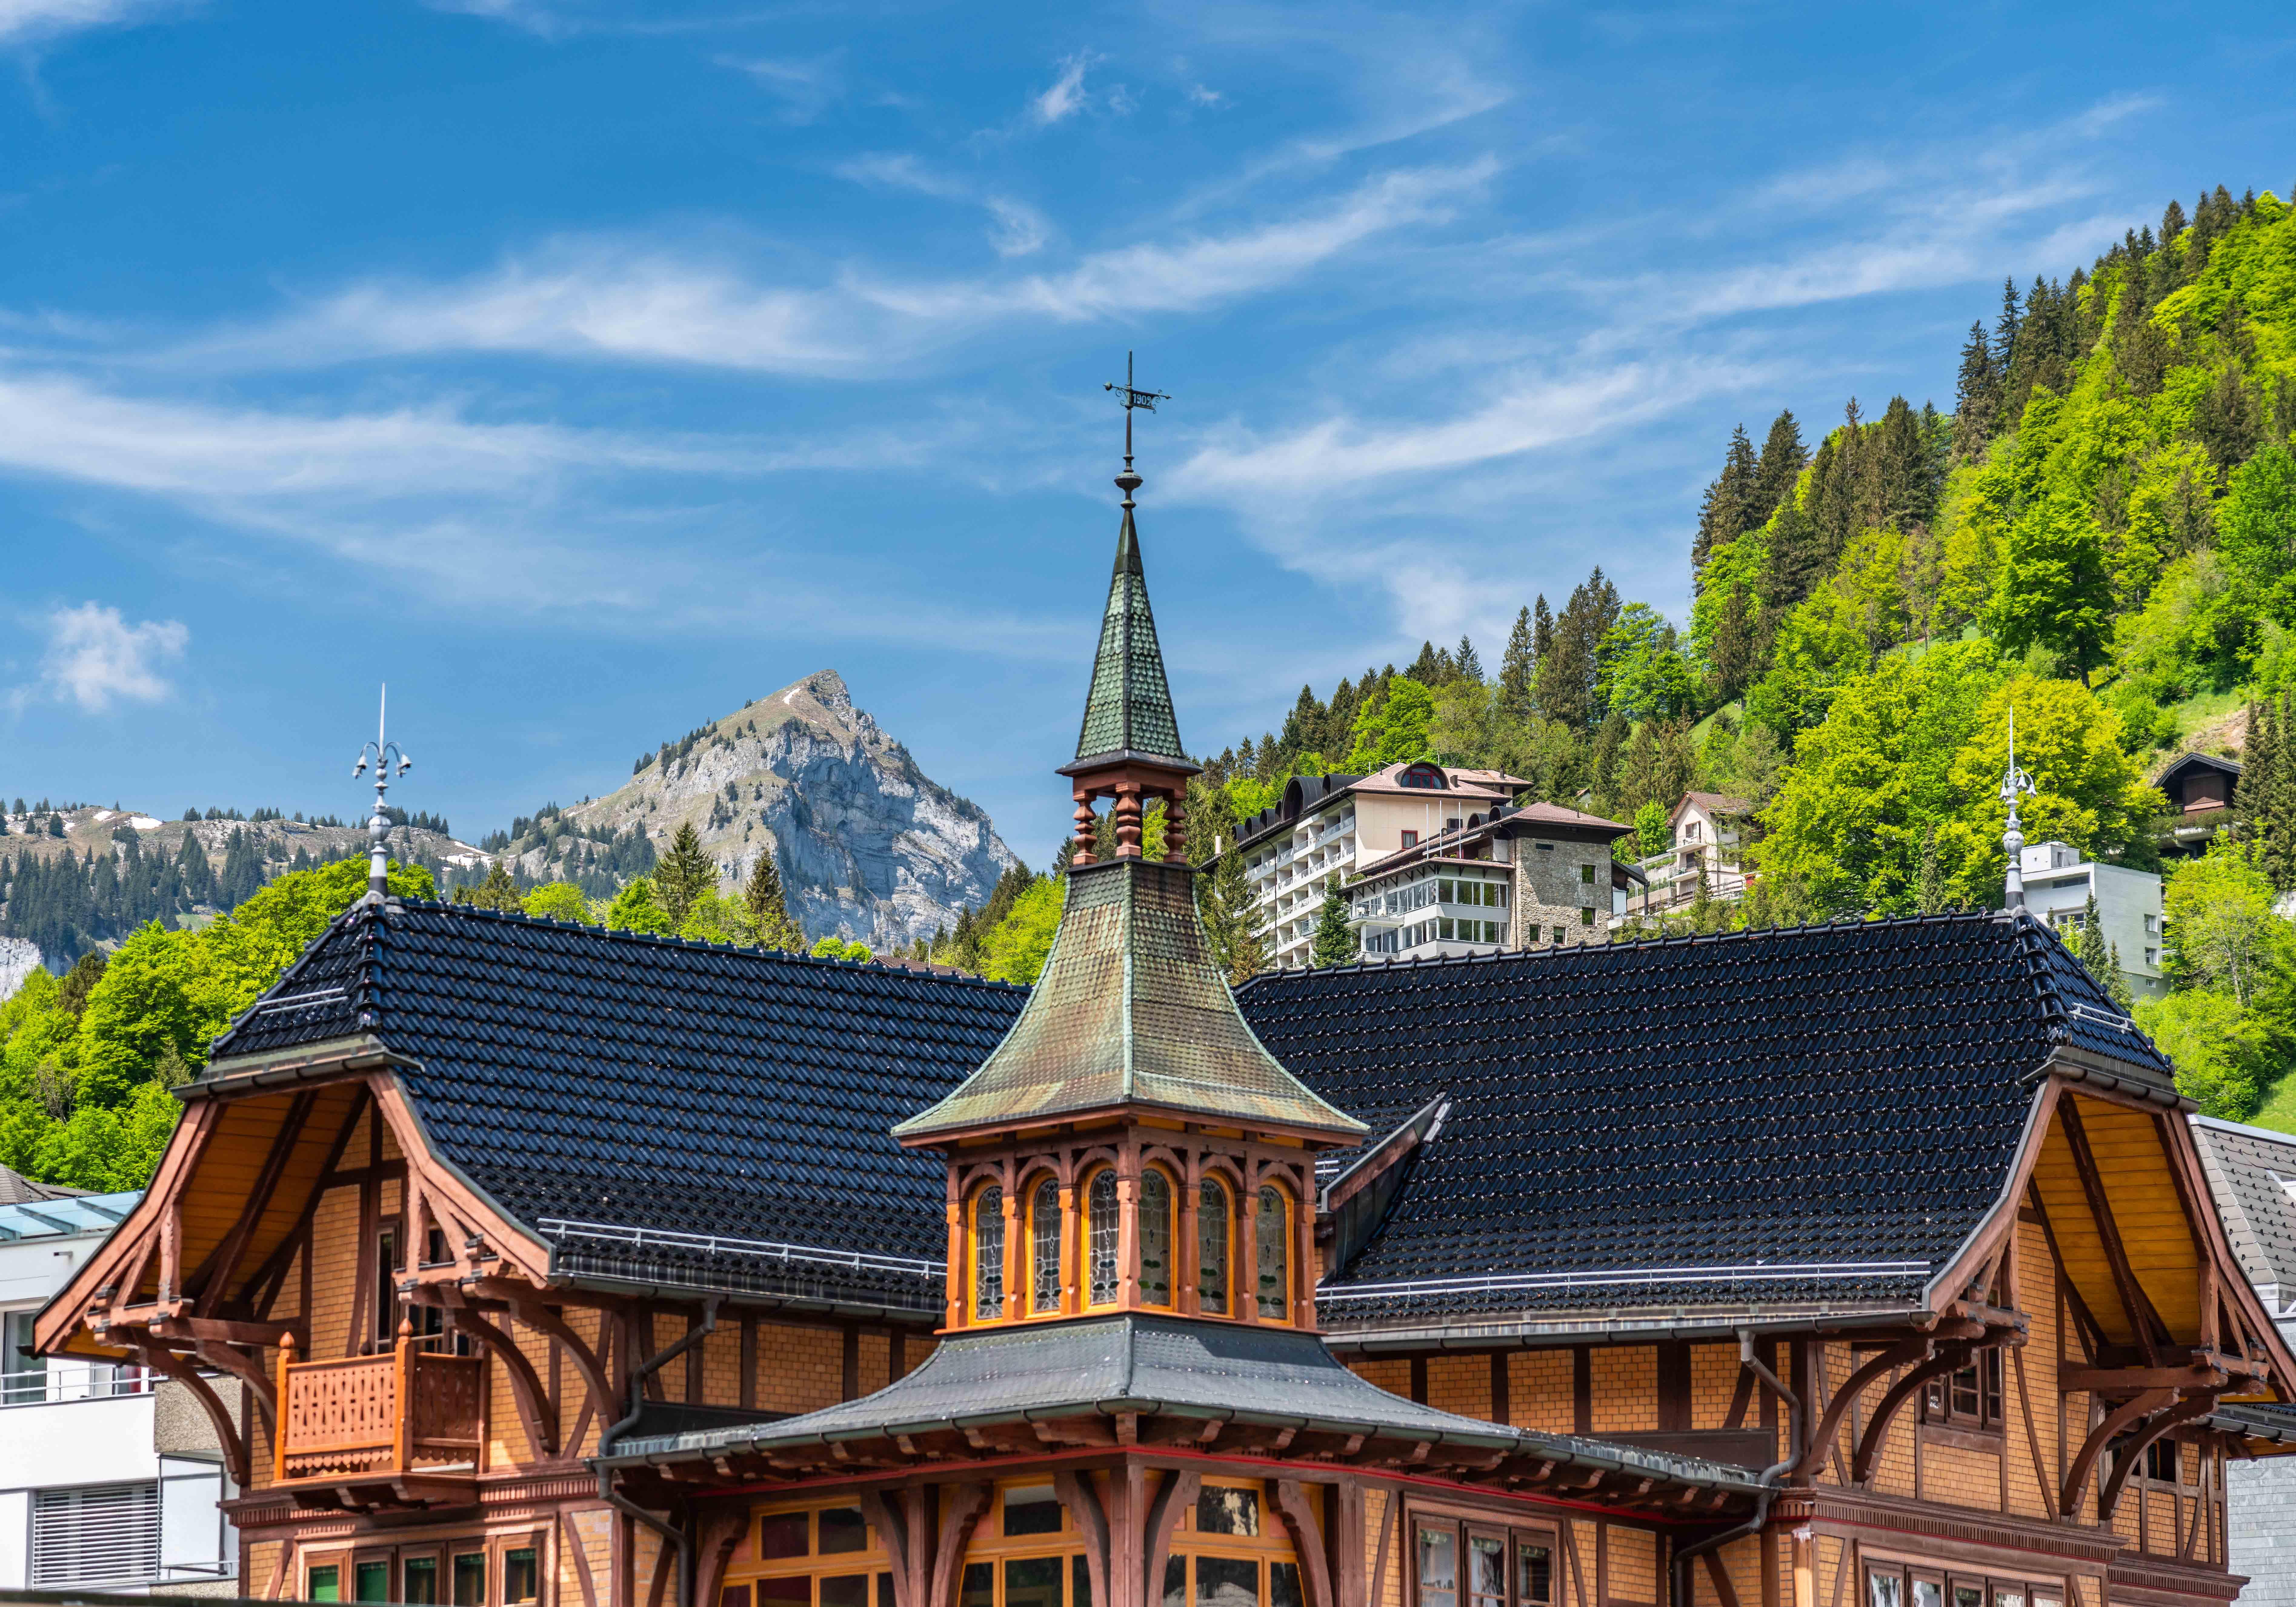 Summer, Engelberg, Switzerland